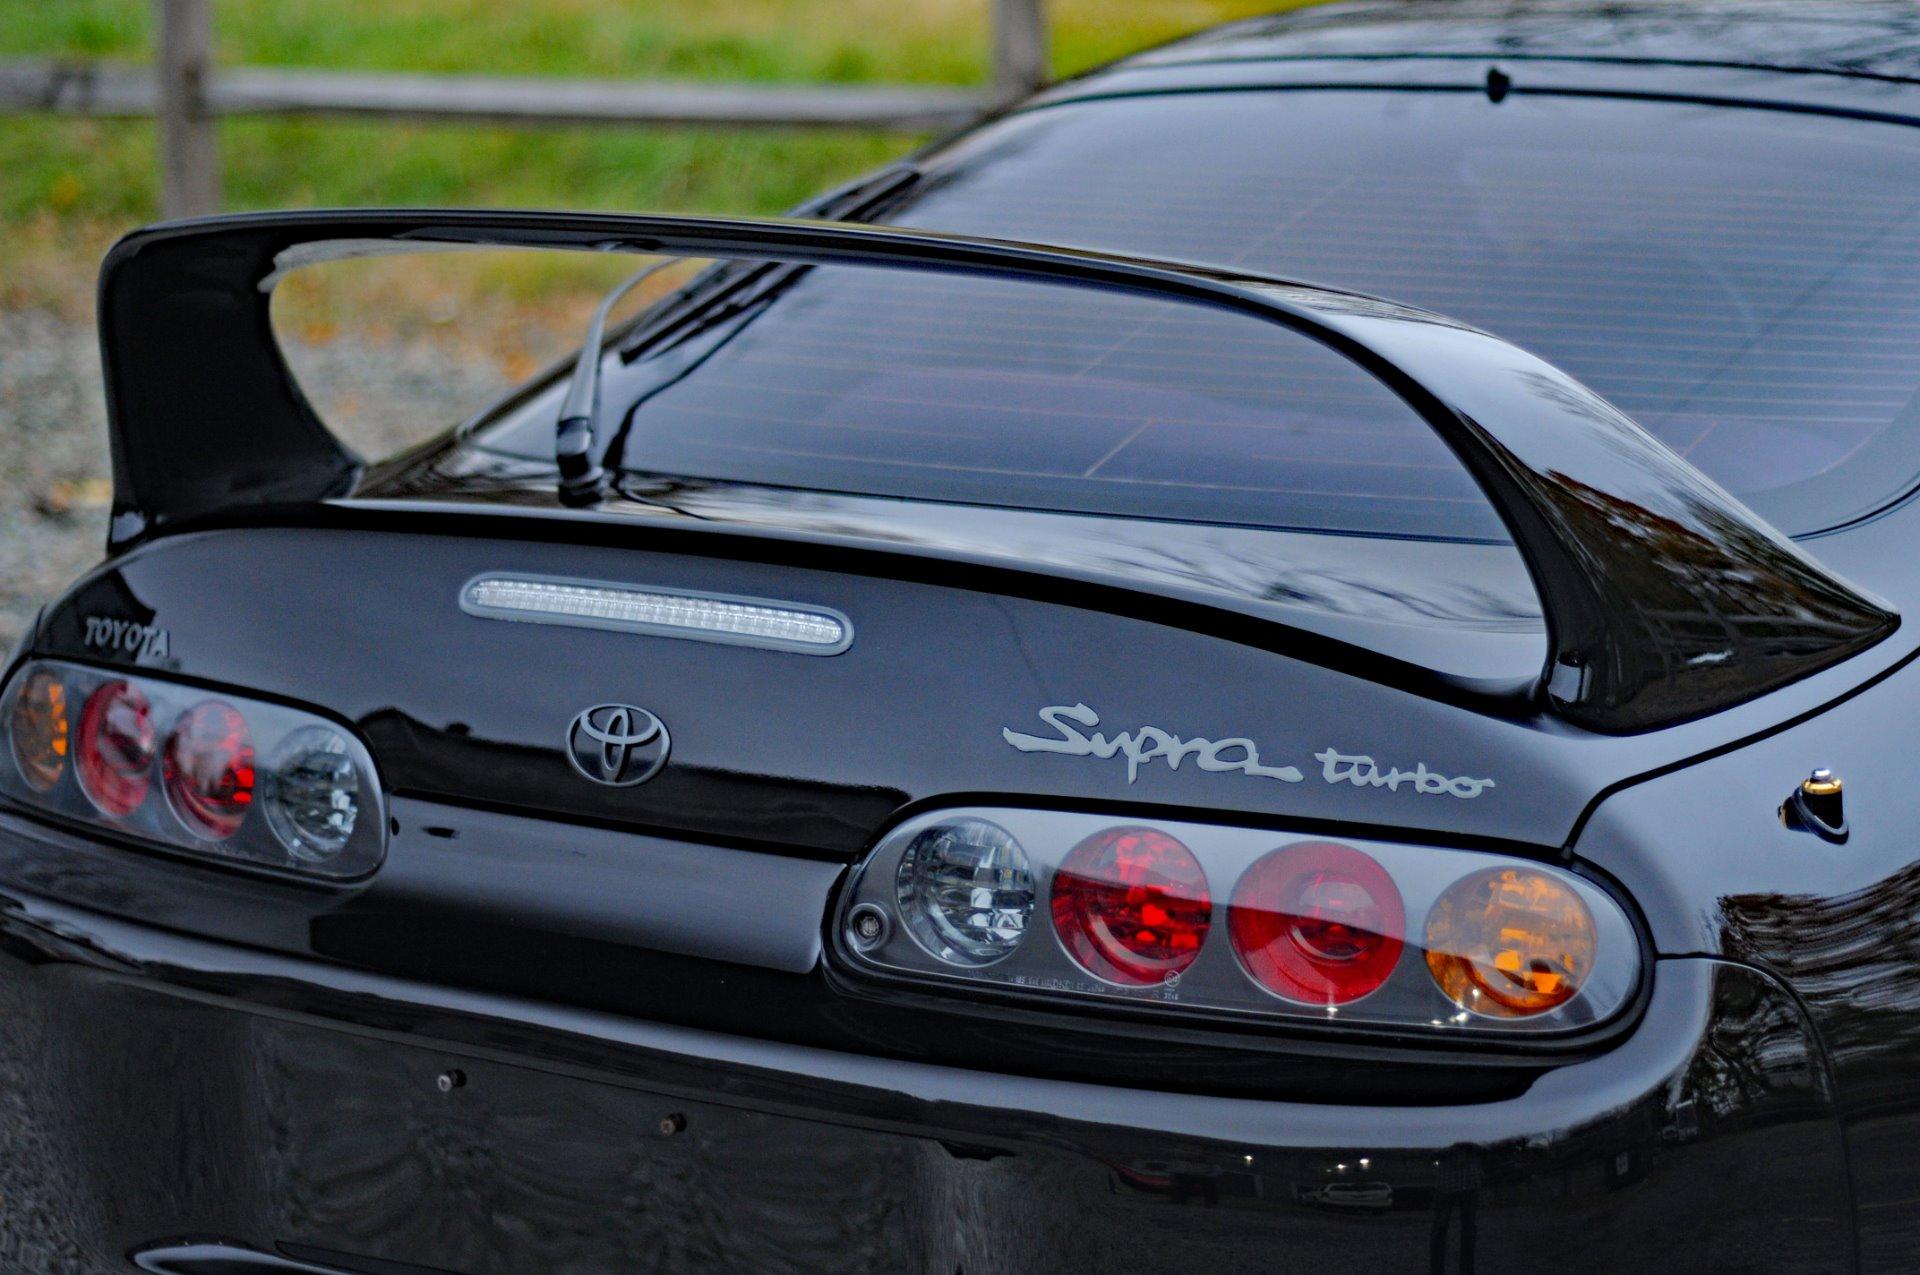 Used-1997-Toyota-Supra-Turbo